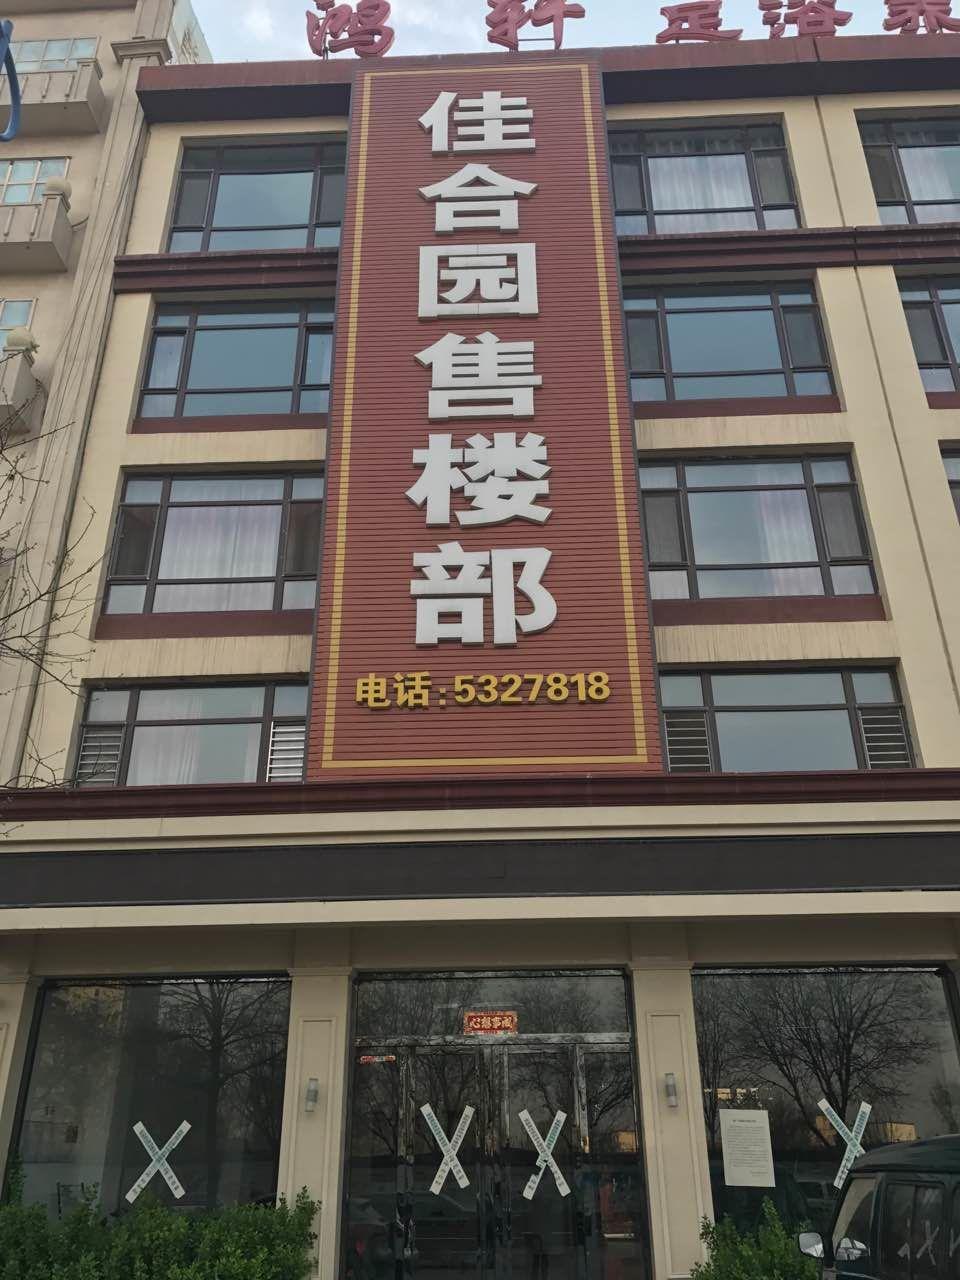 今年2月27日被查封的安新县佳合园售楼部。